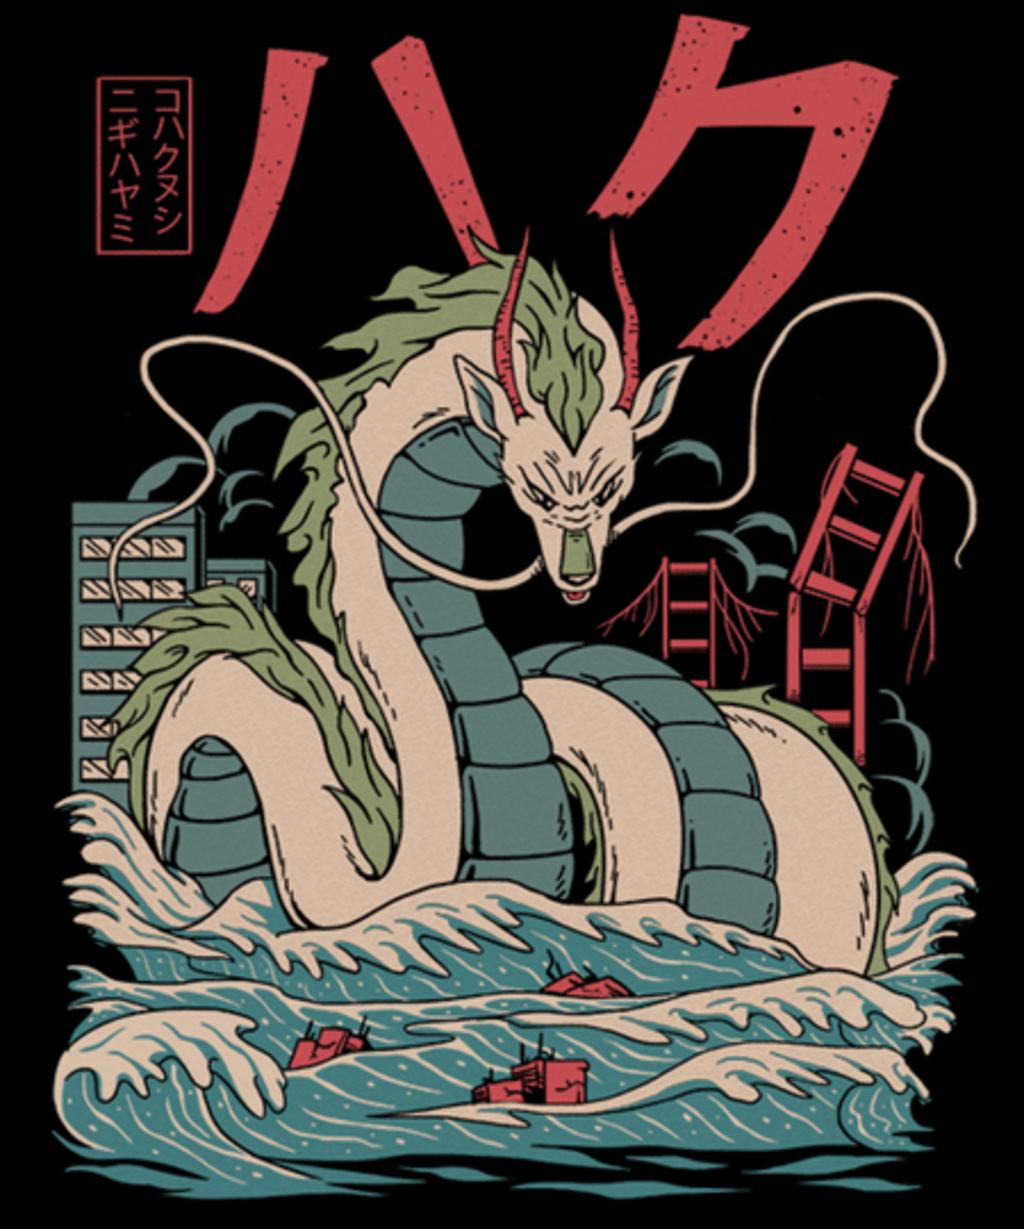 Qwertee: Haku Kaiju